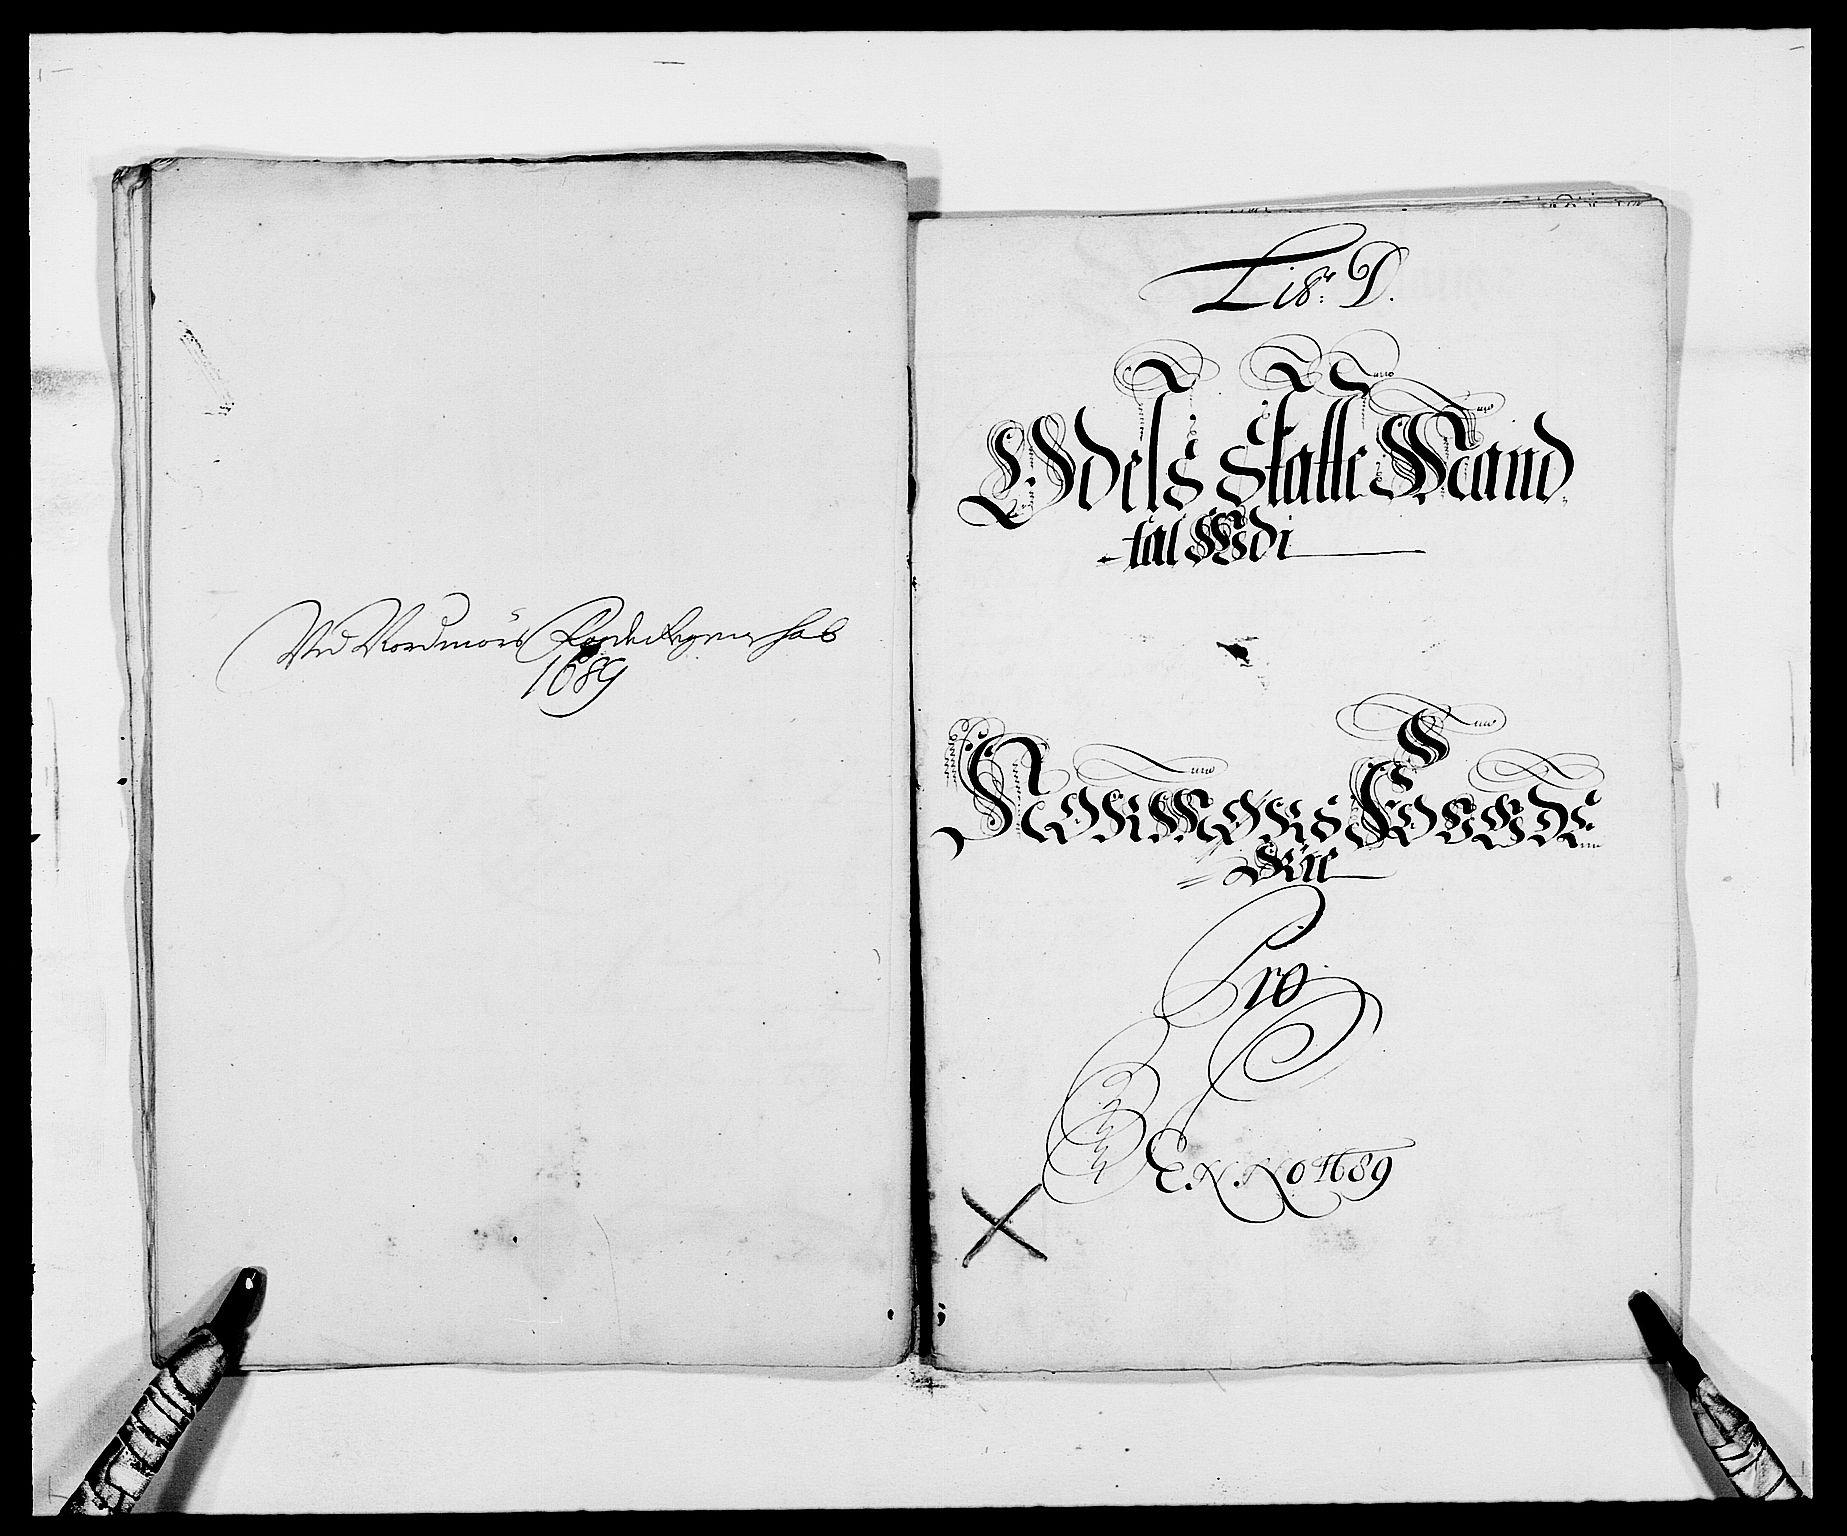 RA, Rentekammeret inntil 1814, Reviderte regnskaper, Fogderegnskap, R56/L3733: Fogderegnskap Nordmøre, 1687-1689, s. 362